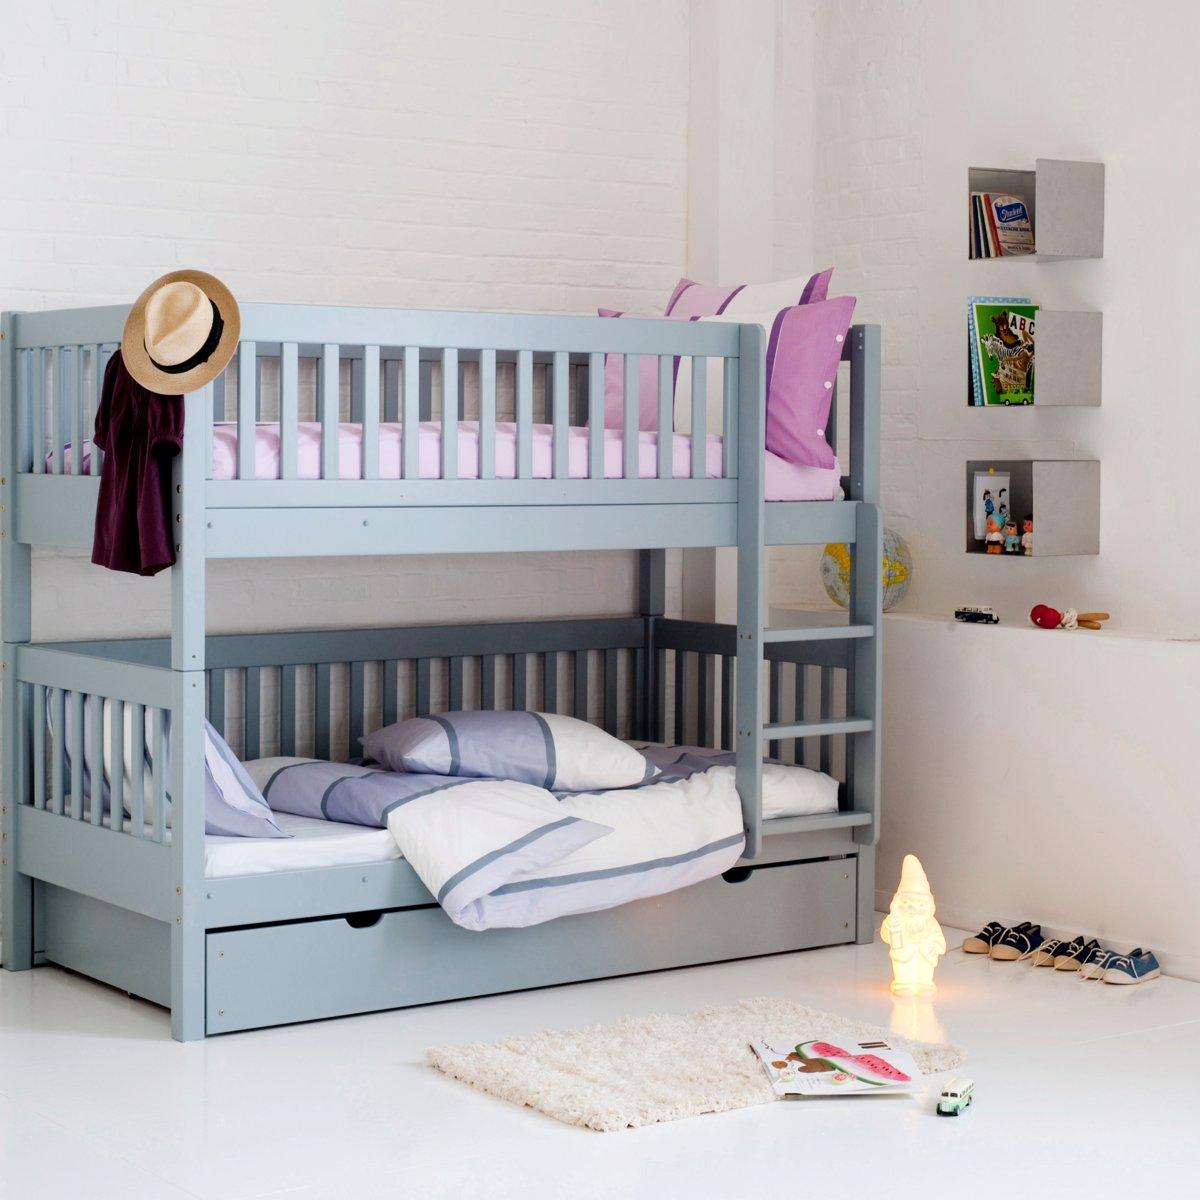 chambre enfant lits superpos s romantiques dekobook. Black Bedroom Furniture Sets. Home Design Ideas